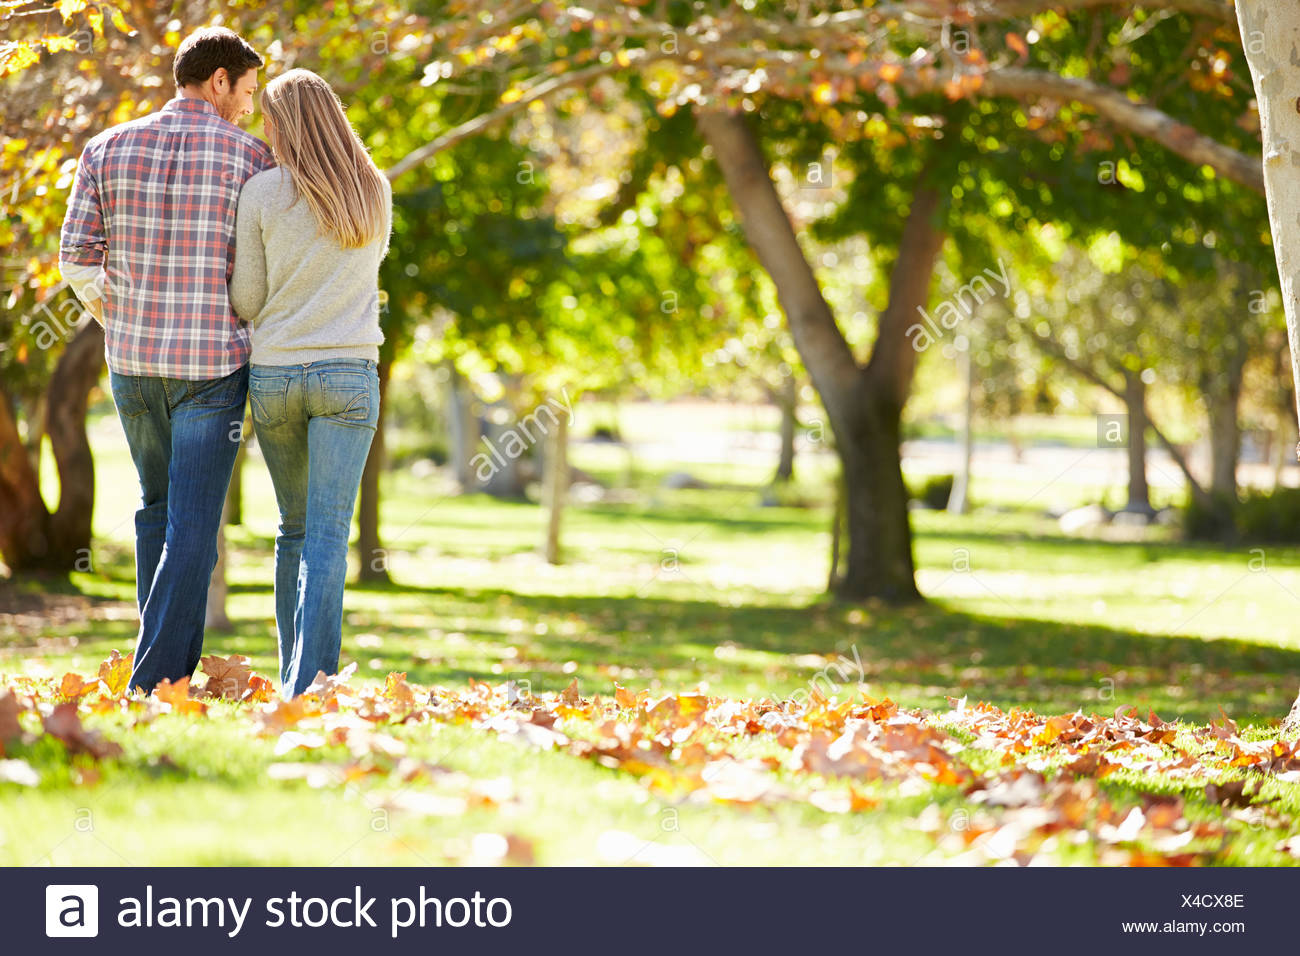 Vista trasera de la Pareja romántica caminando a través del bosque de Otoño Imagen De Stock